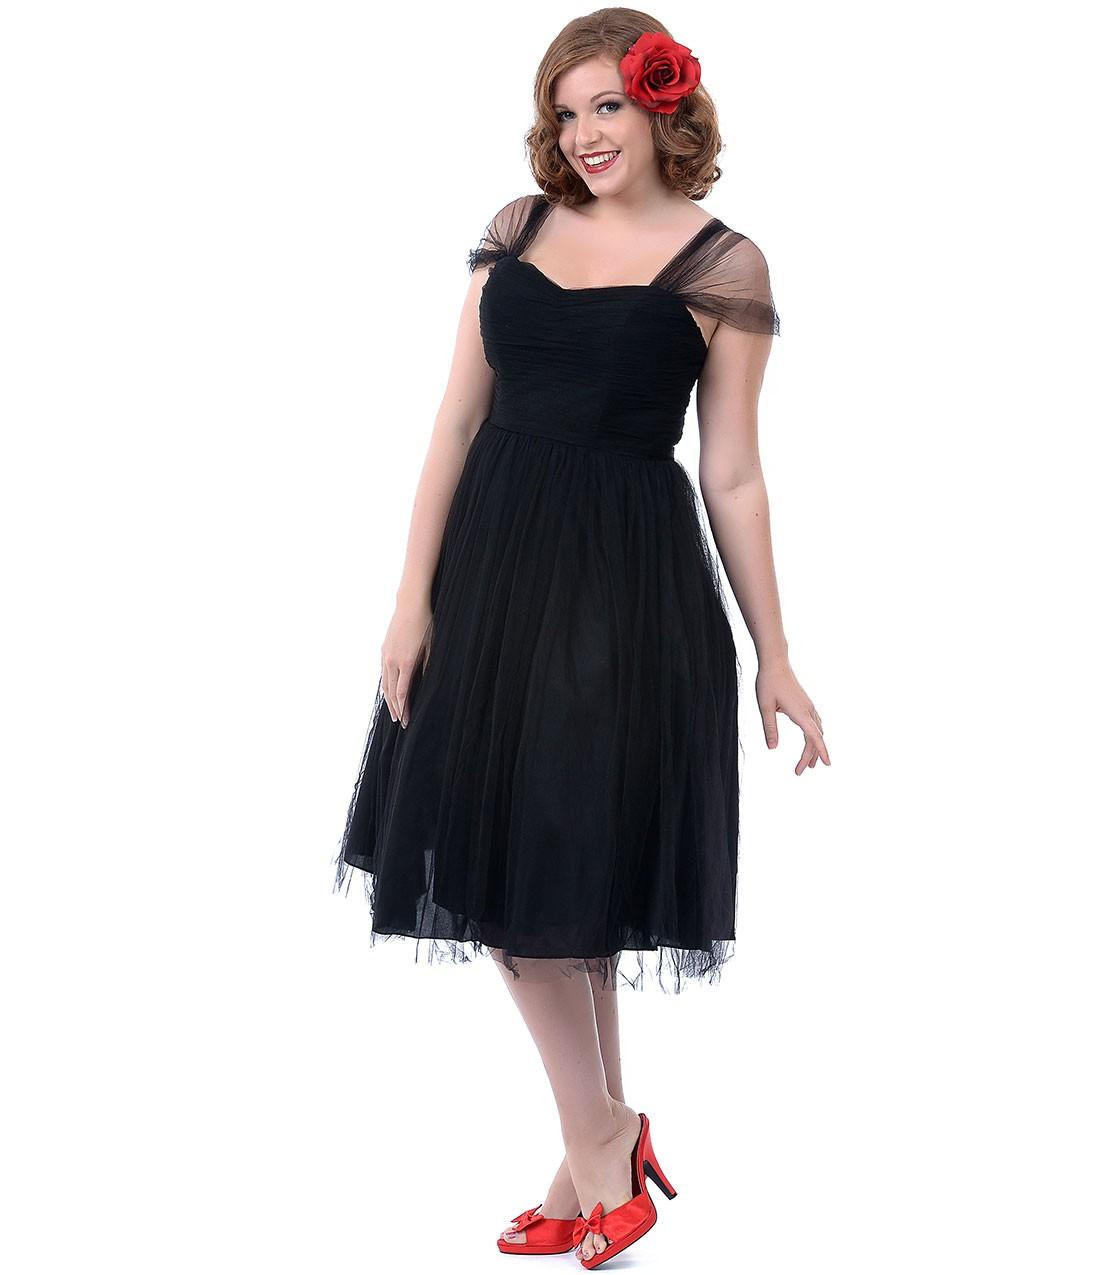 Vintage Plus Size Party Dresses